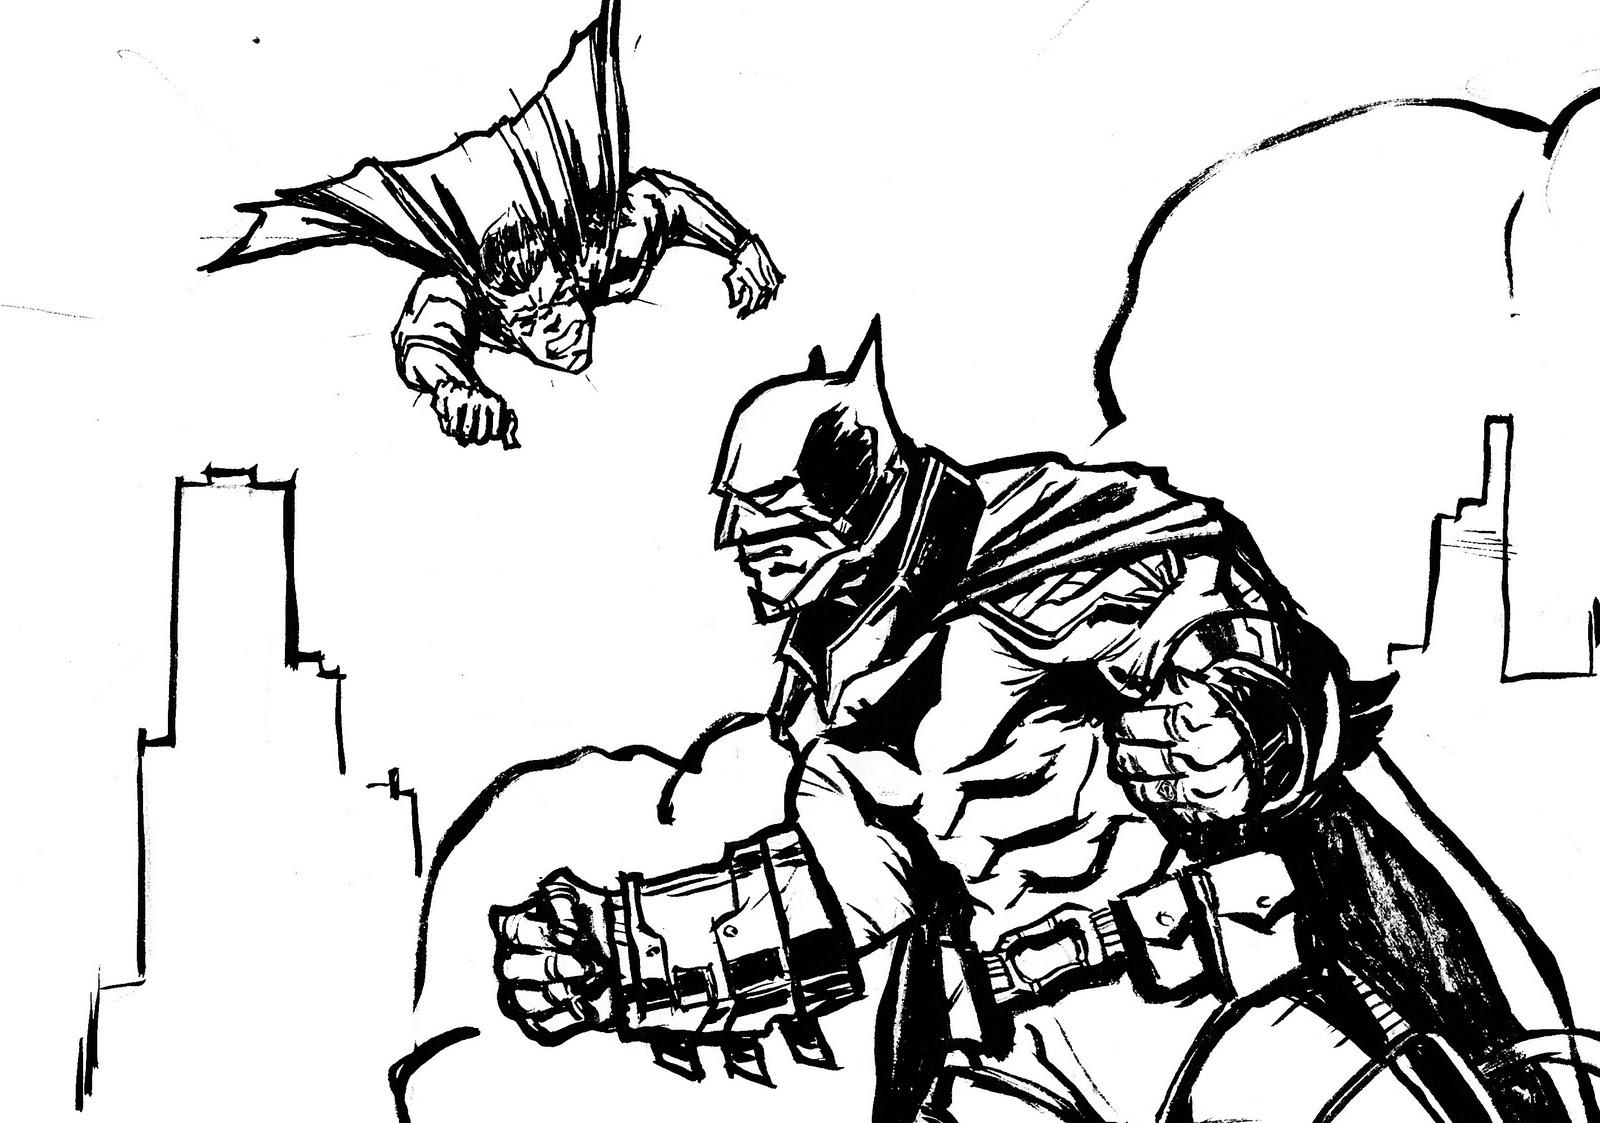 Batman Vs Superman Logo Drawing at GetDrawings.com | Free for ...